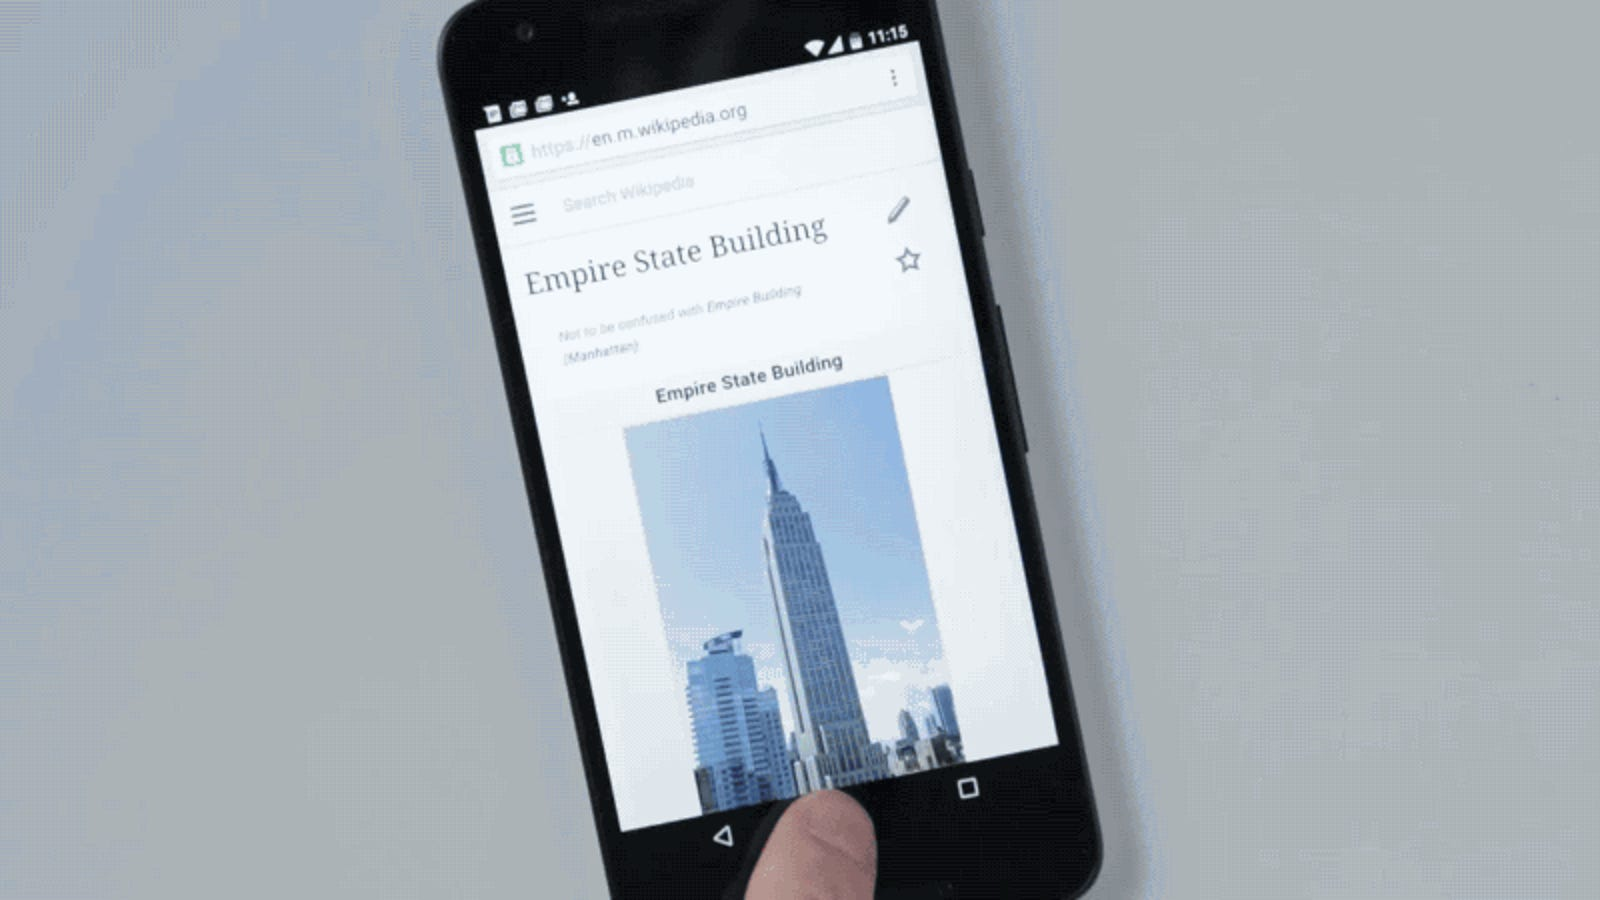 ¿Has recibido Android Marshmallow? Mira lo que puedes hacer ahora que antes no podías